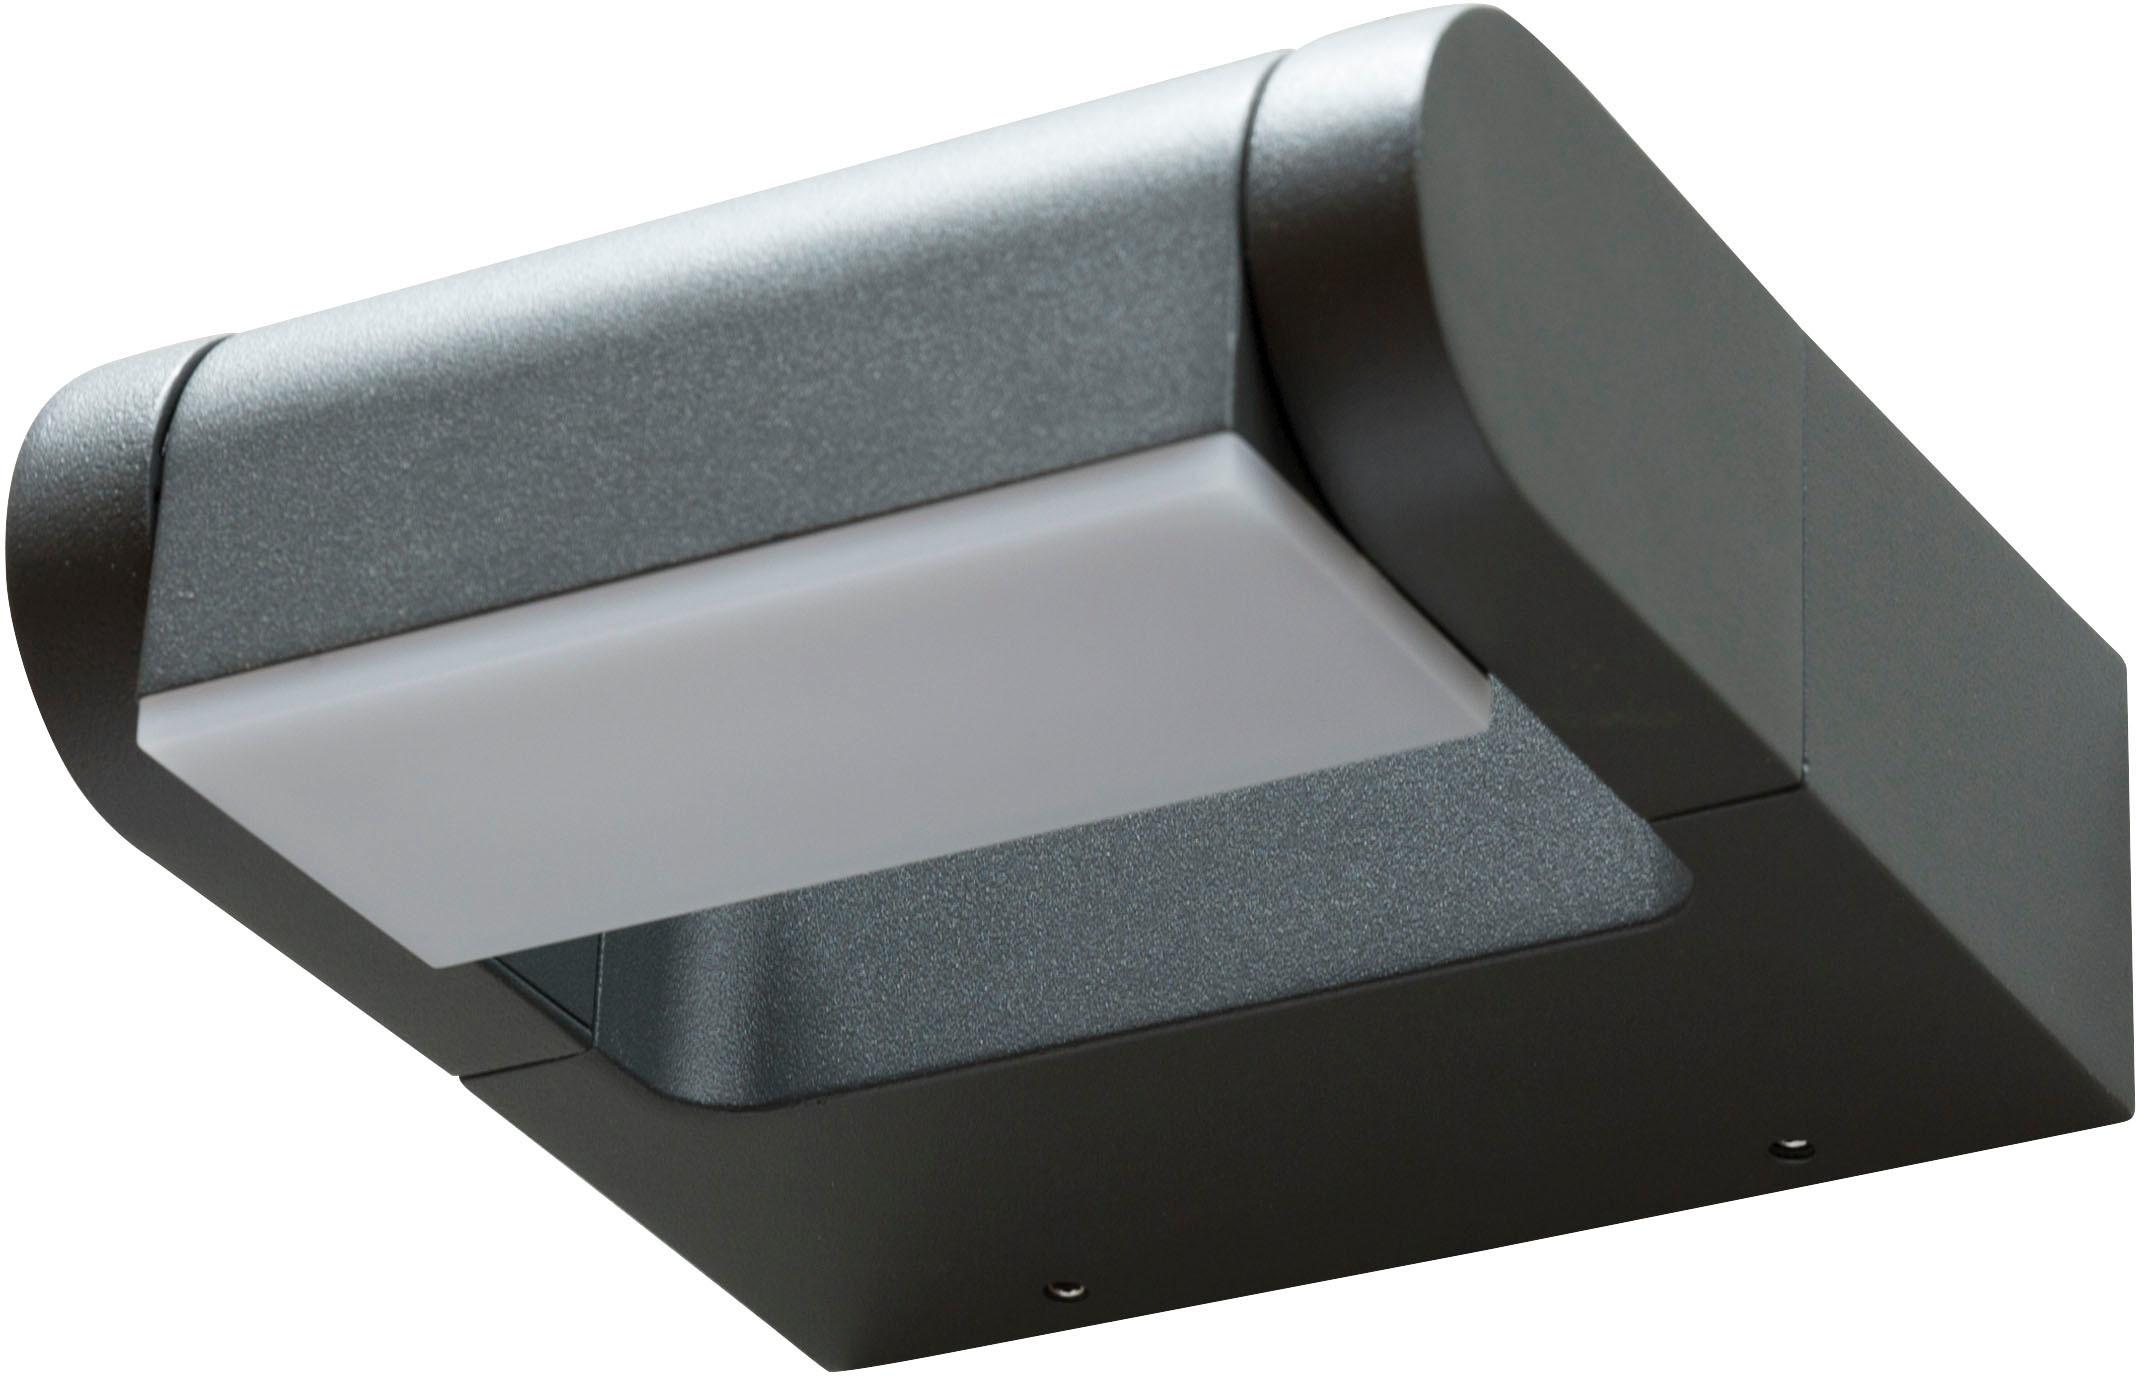 HEITRONIC LED Außen-Wandleuchte Estilo, LED-Board, Warmweiß, 320° schwenkbare Leuchteinheit